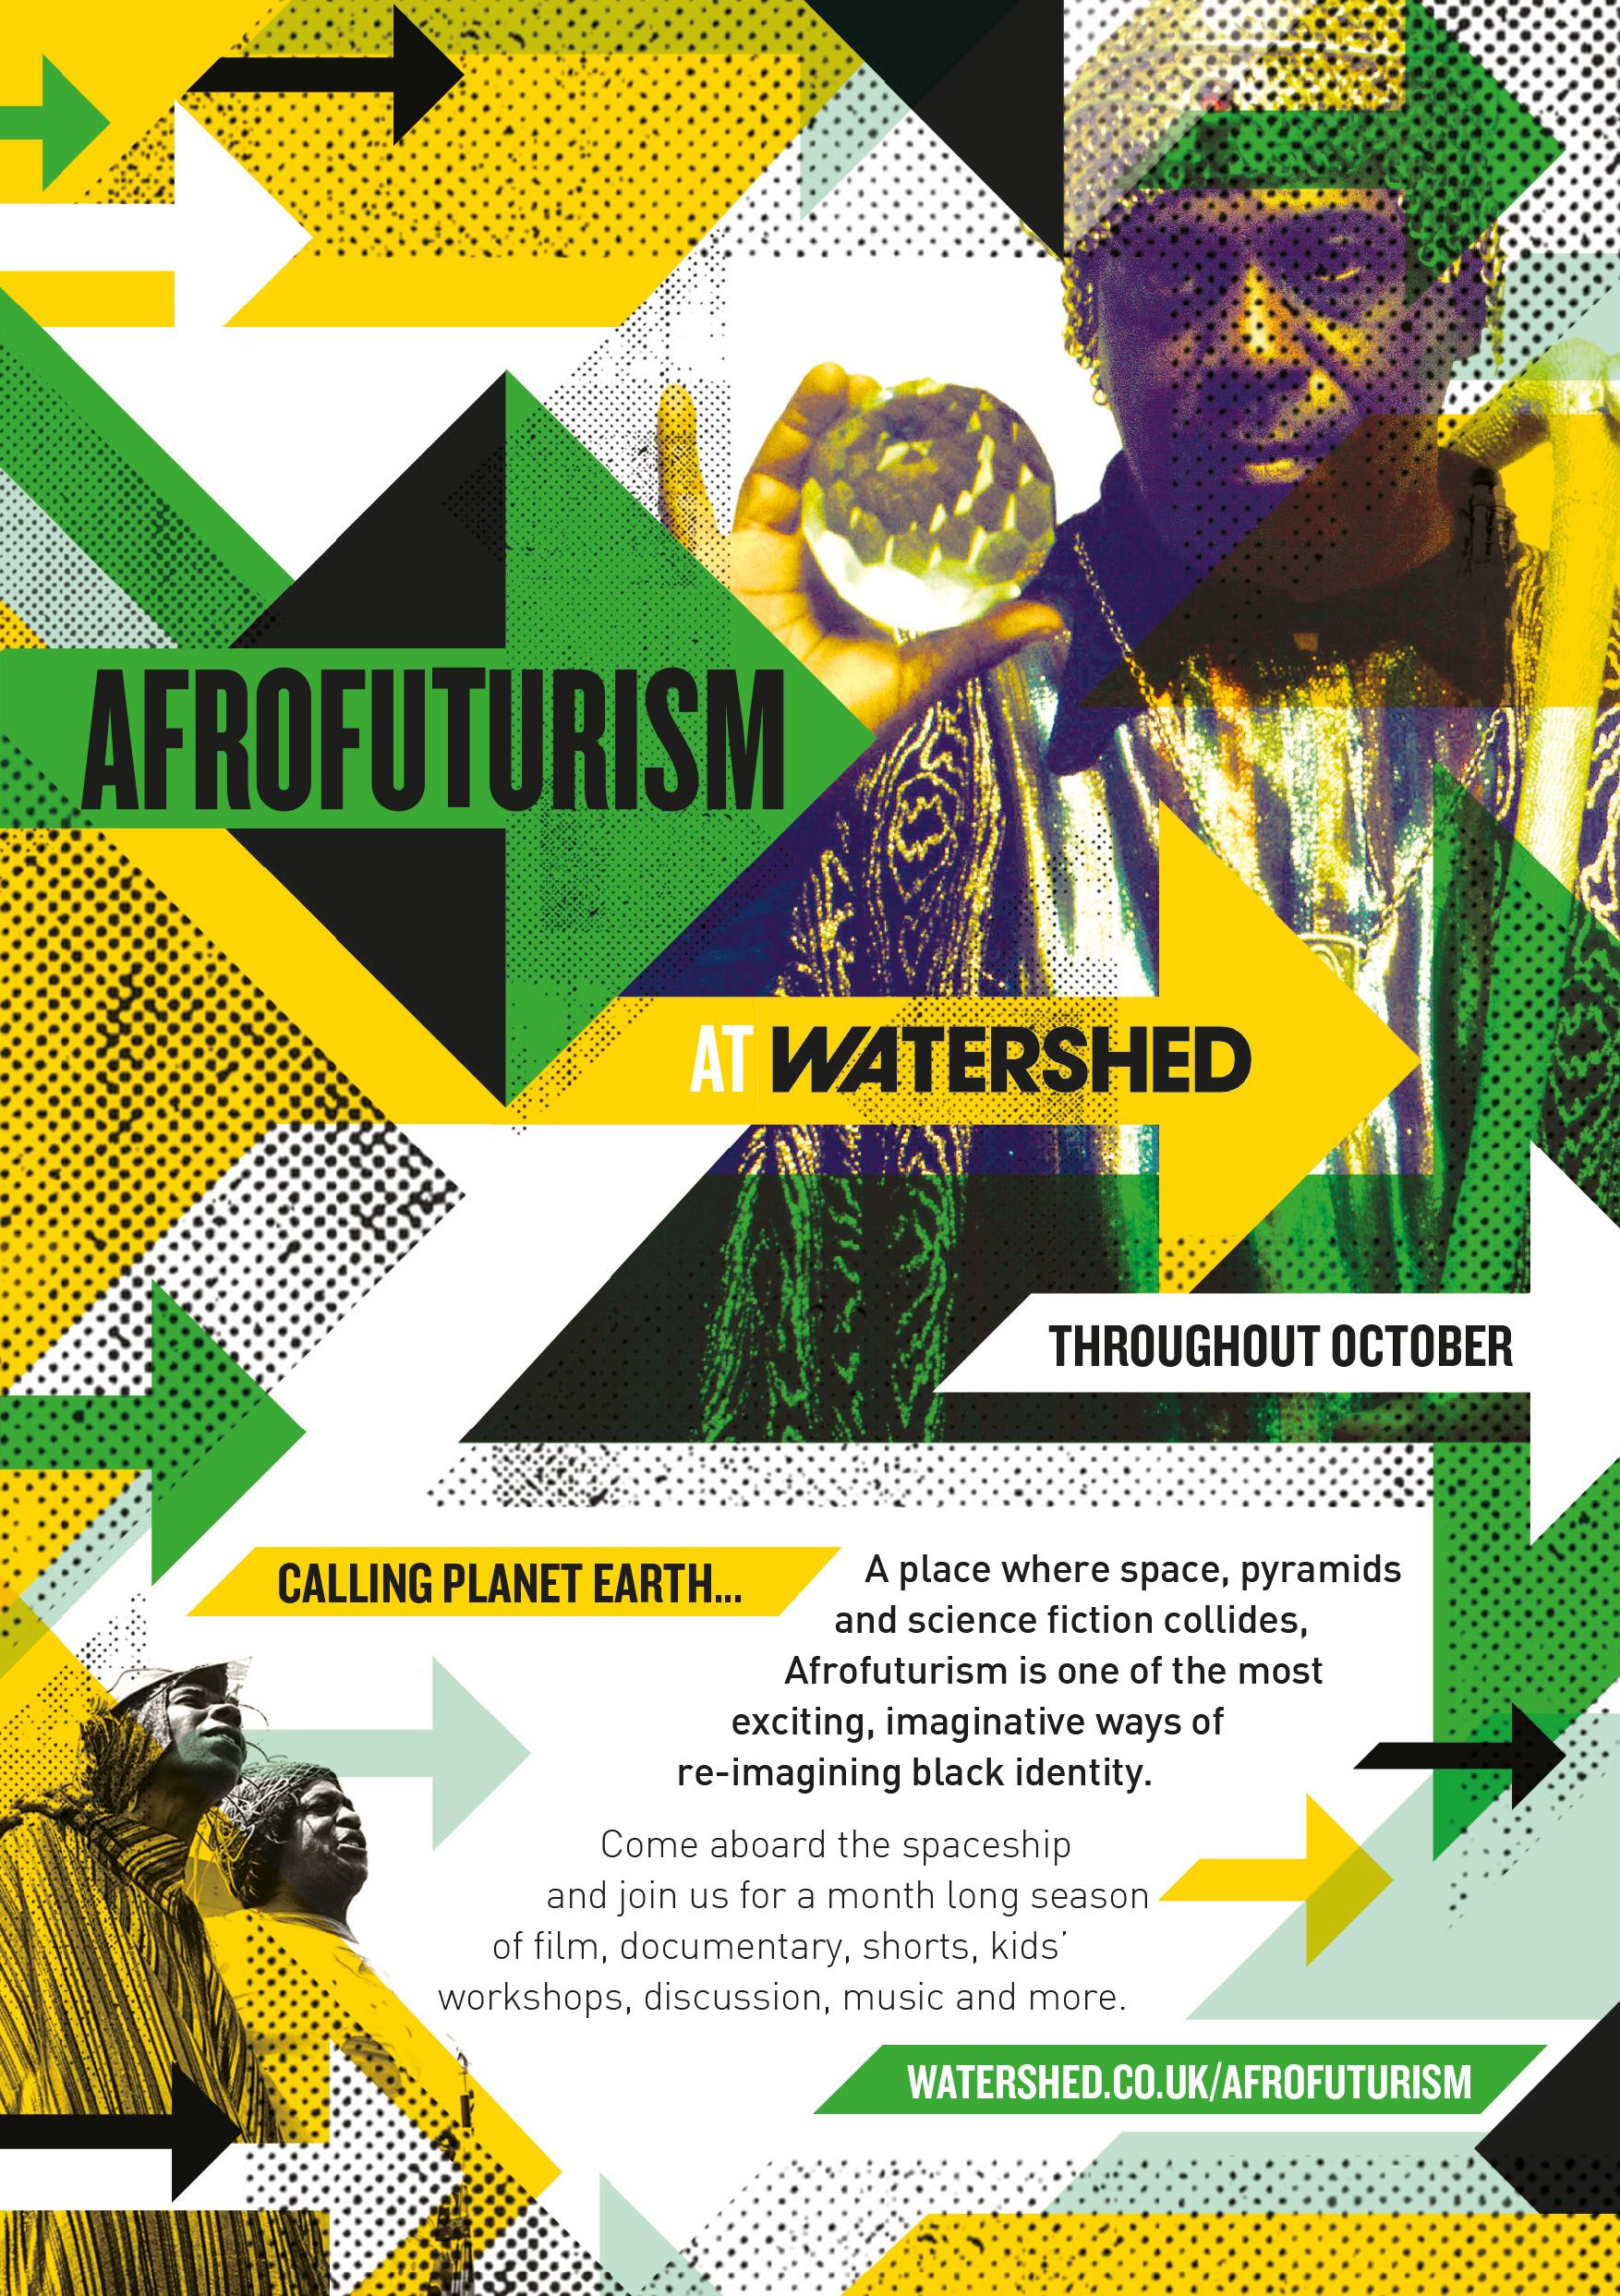 Afrofuturism leaflet cover